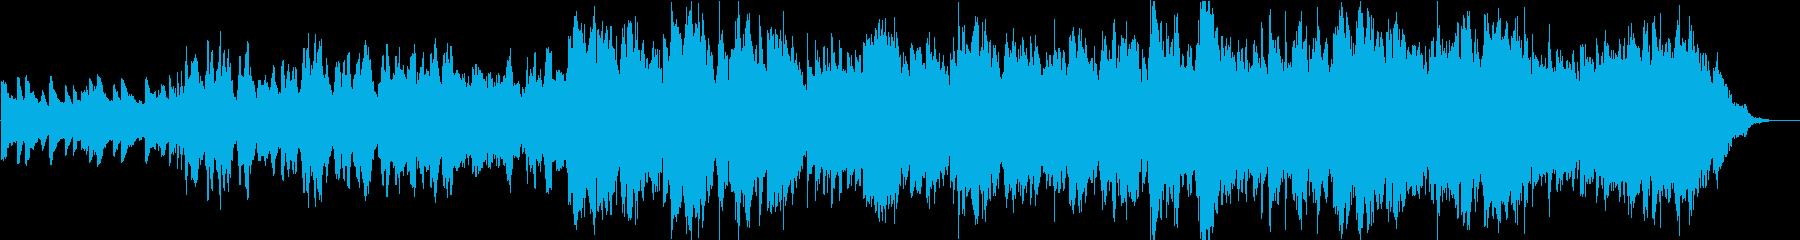 ジュピター(二胡バージョン)の再生済みの波形